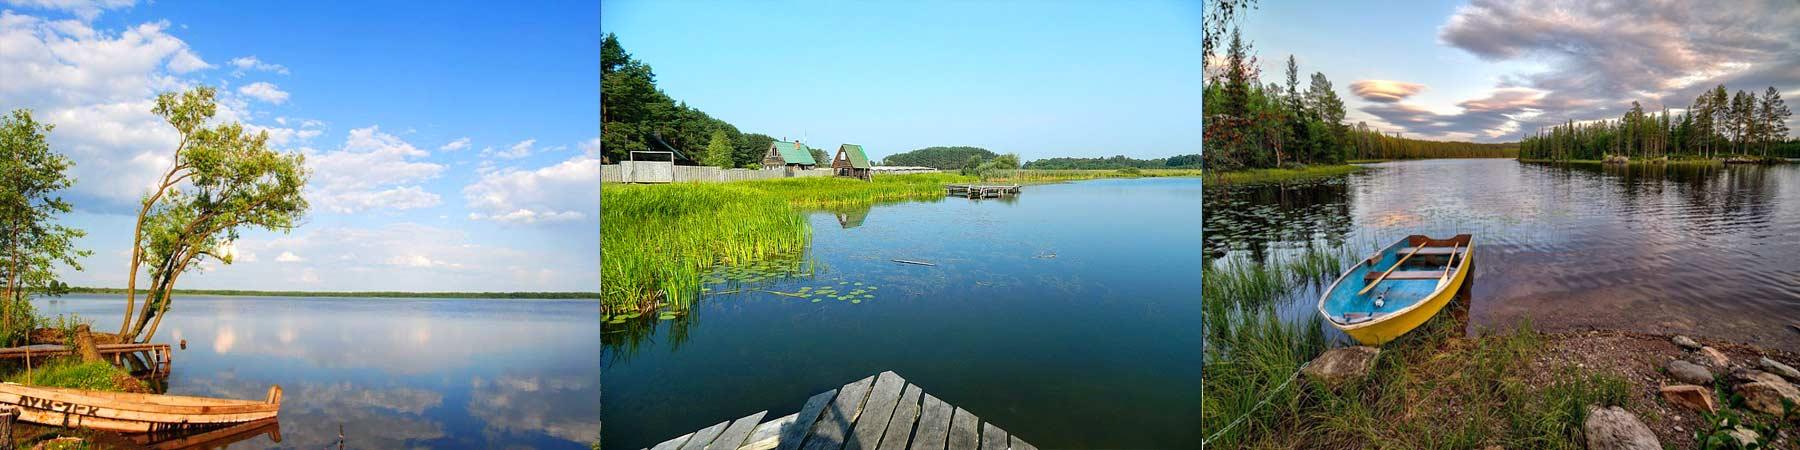 Екскурсійний тур Замки і озера 2